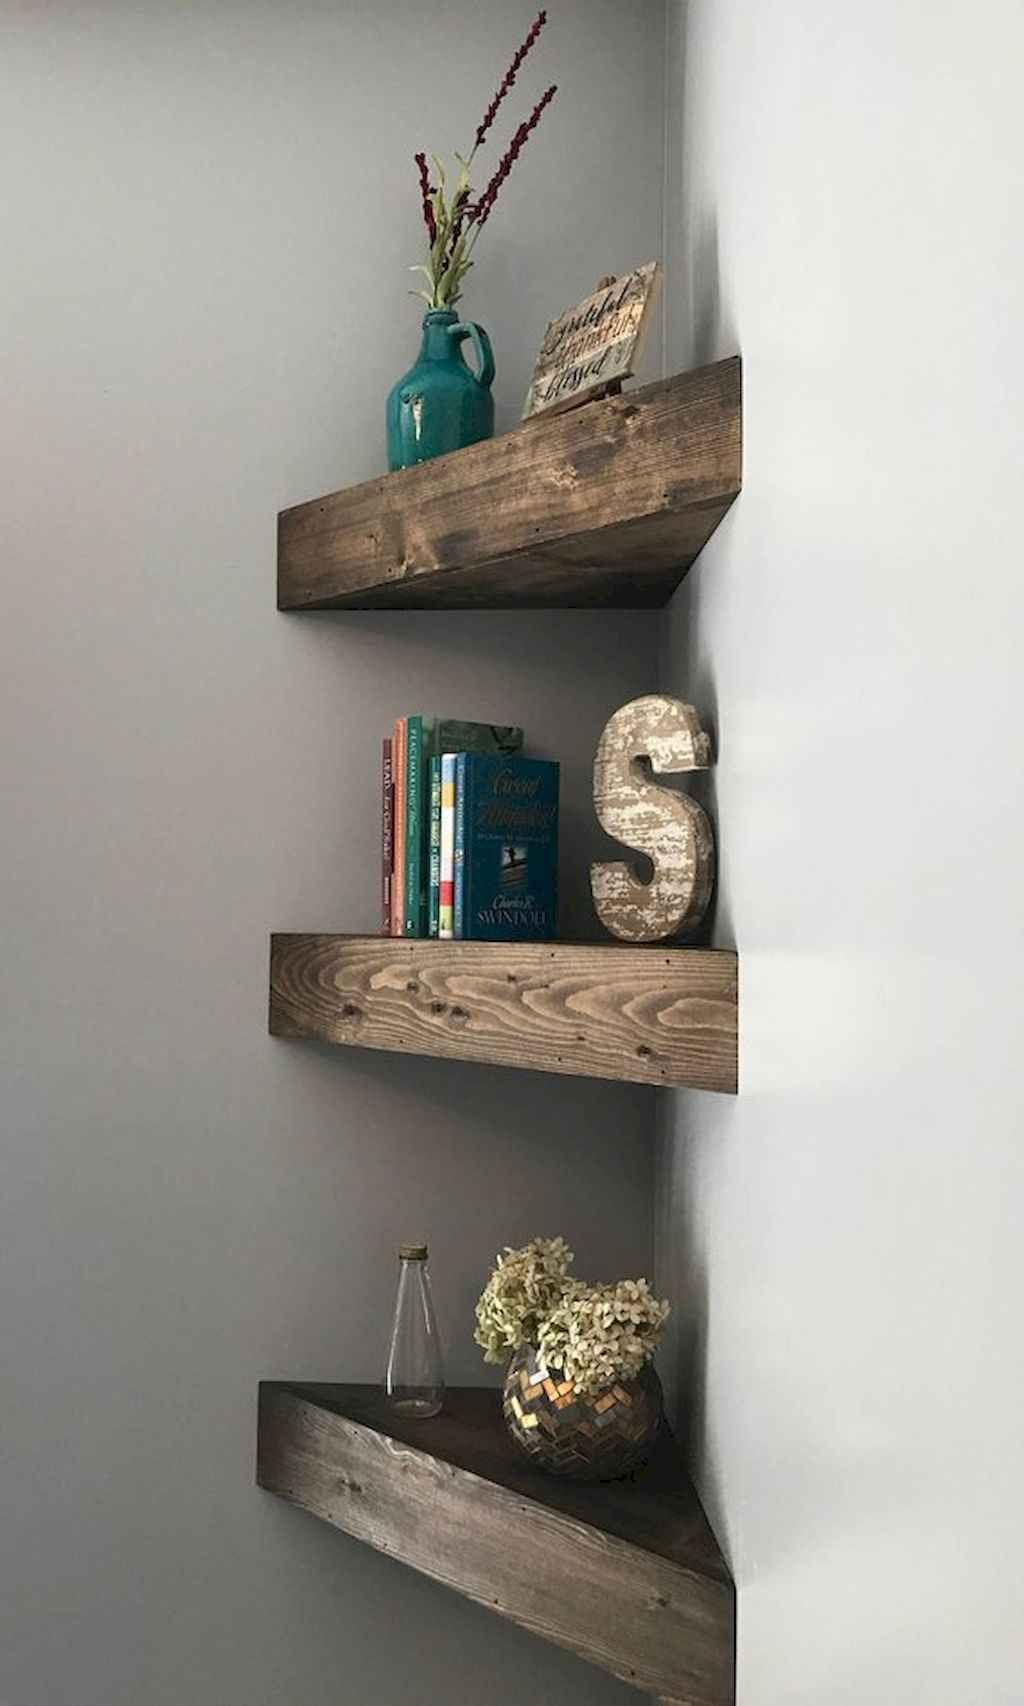 16 DIY Floating Corner Shelve for Living Room Decor Ideas ...